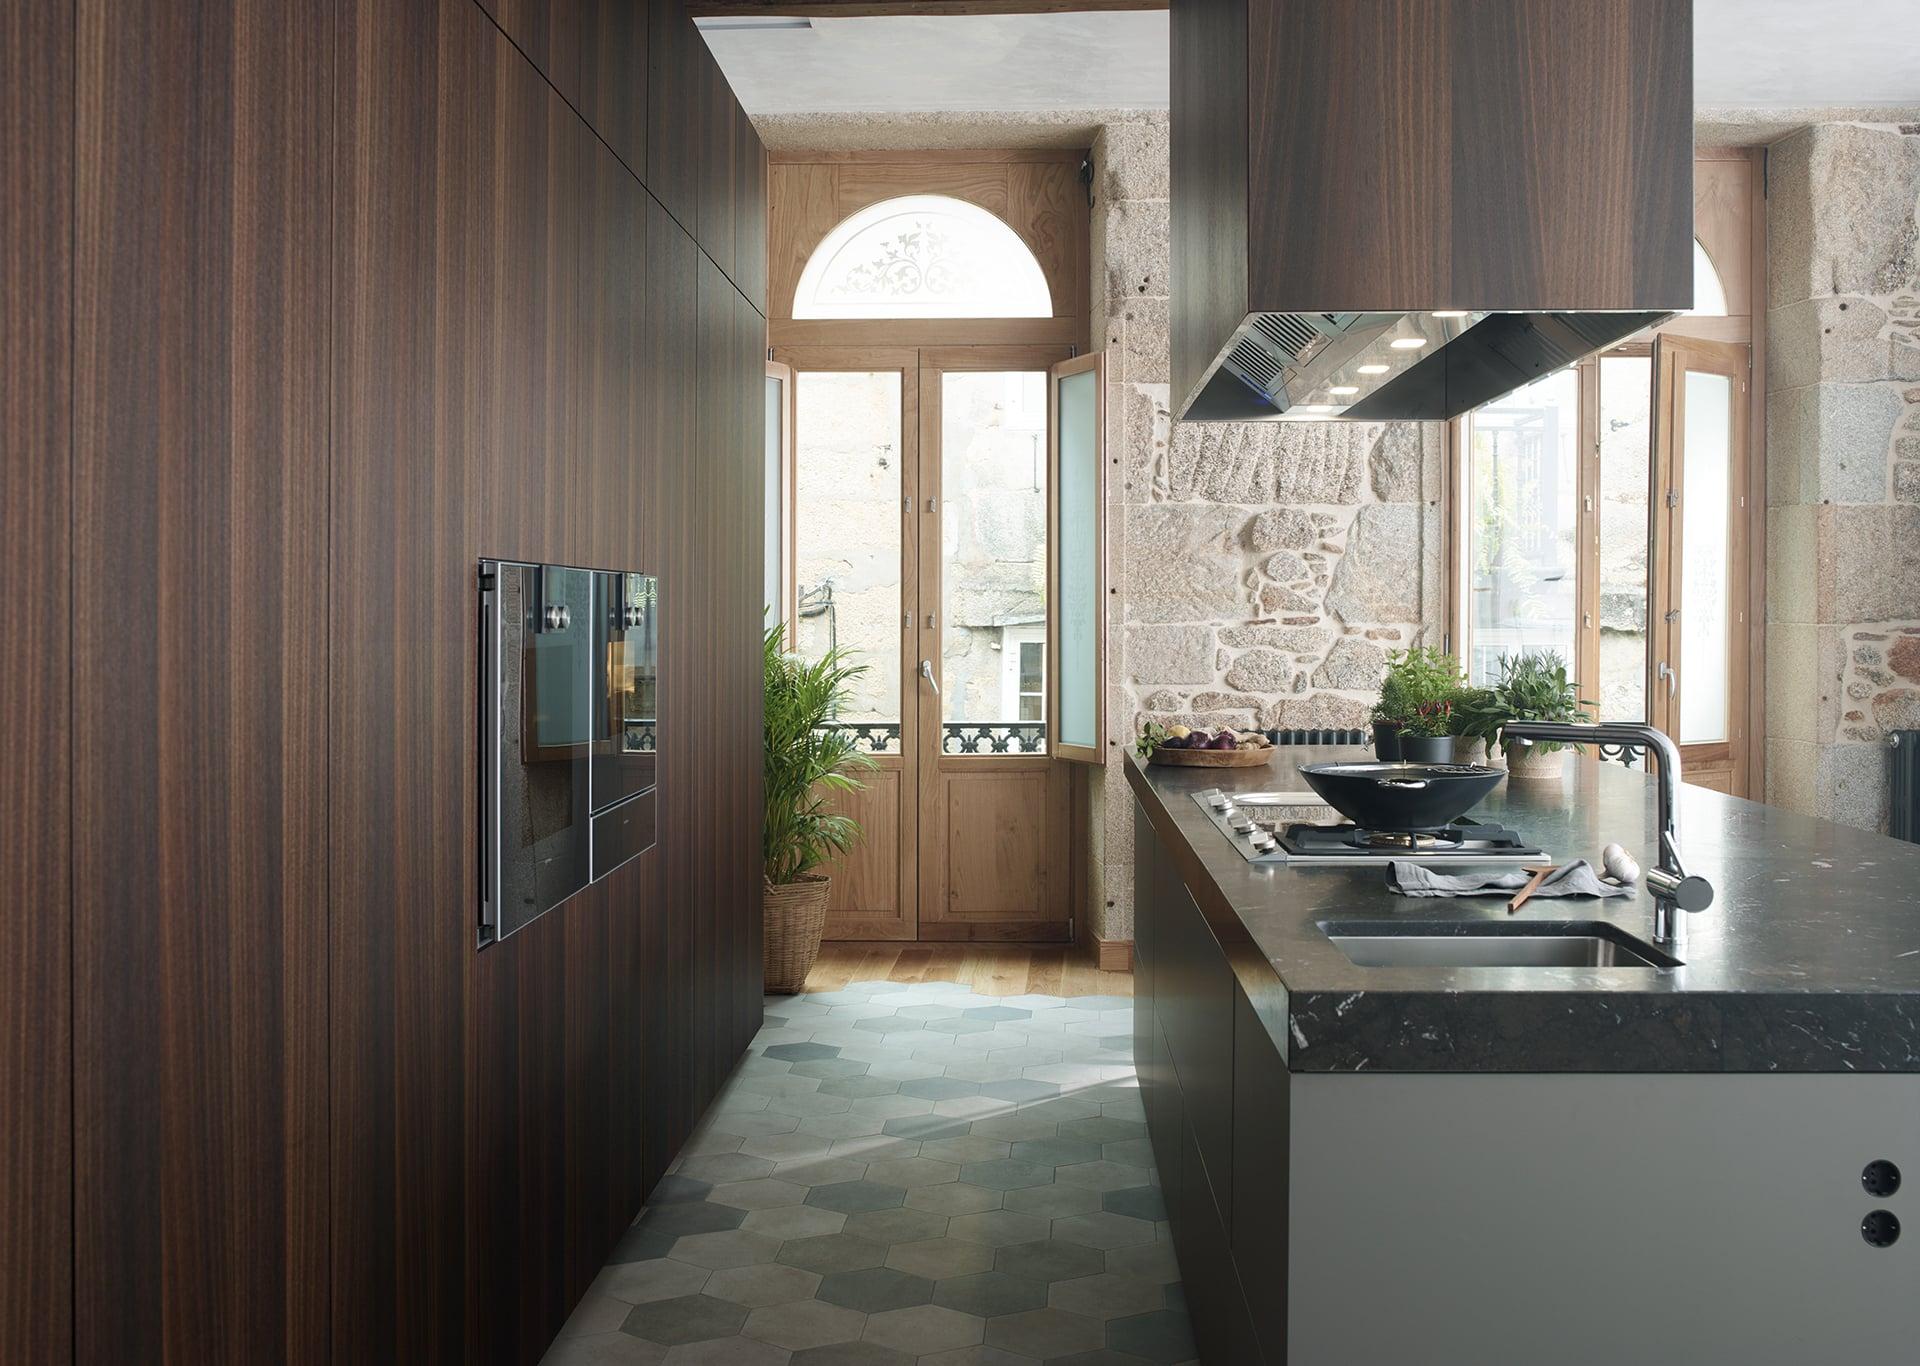 Cocina con isla, mesa y vitrina